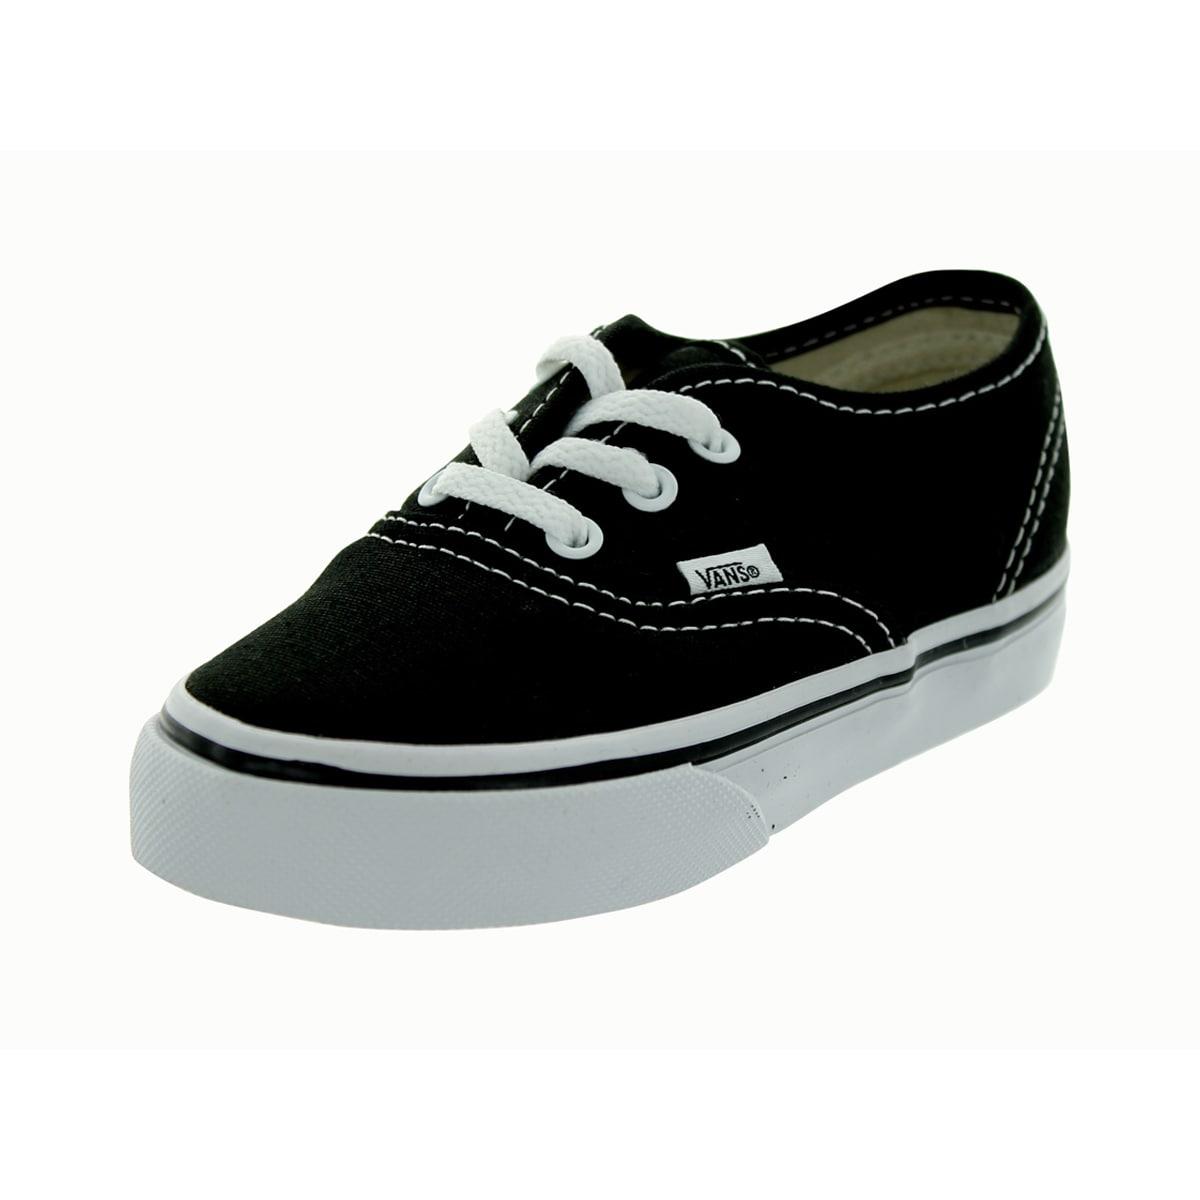 Vans Authentic Infants Black Shoes (6 Infants US), Girl's...